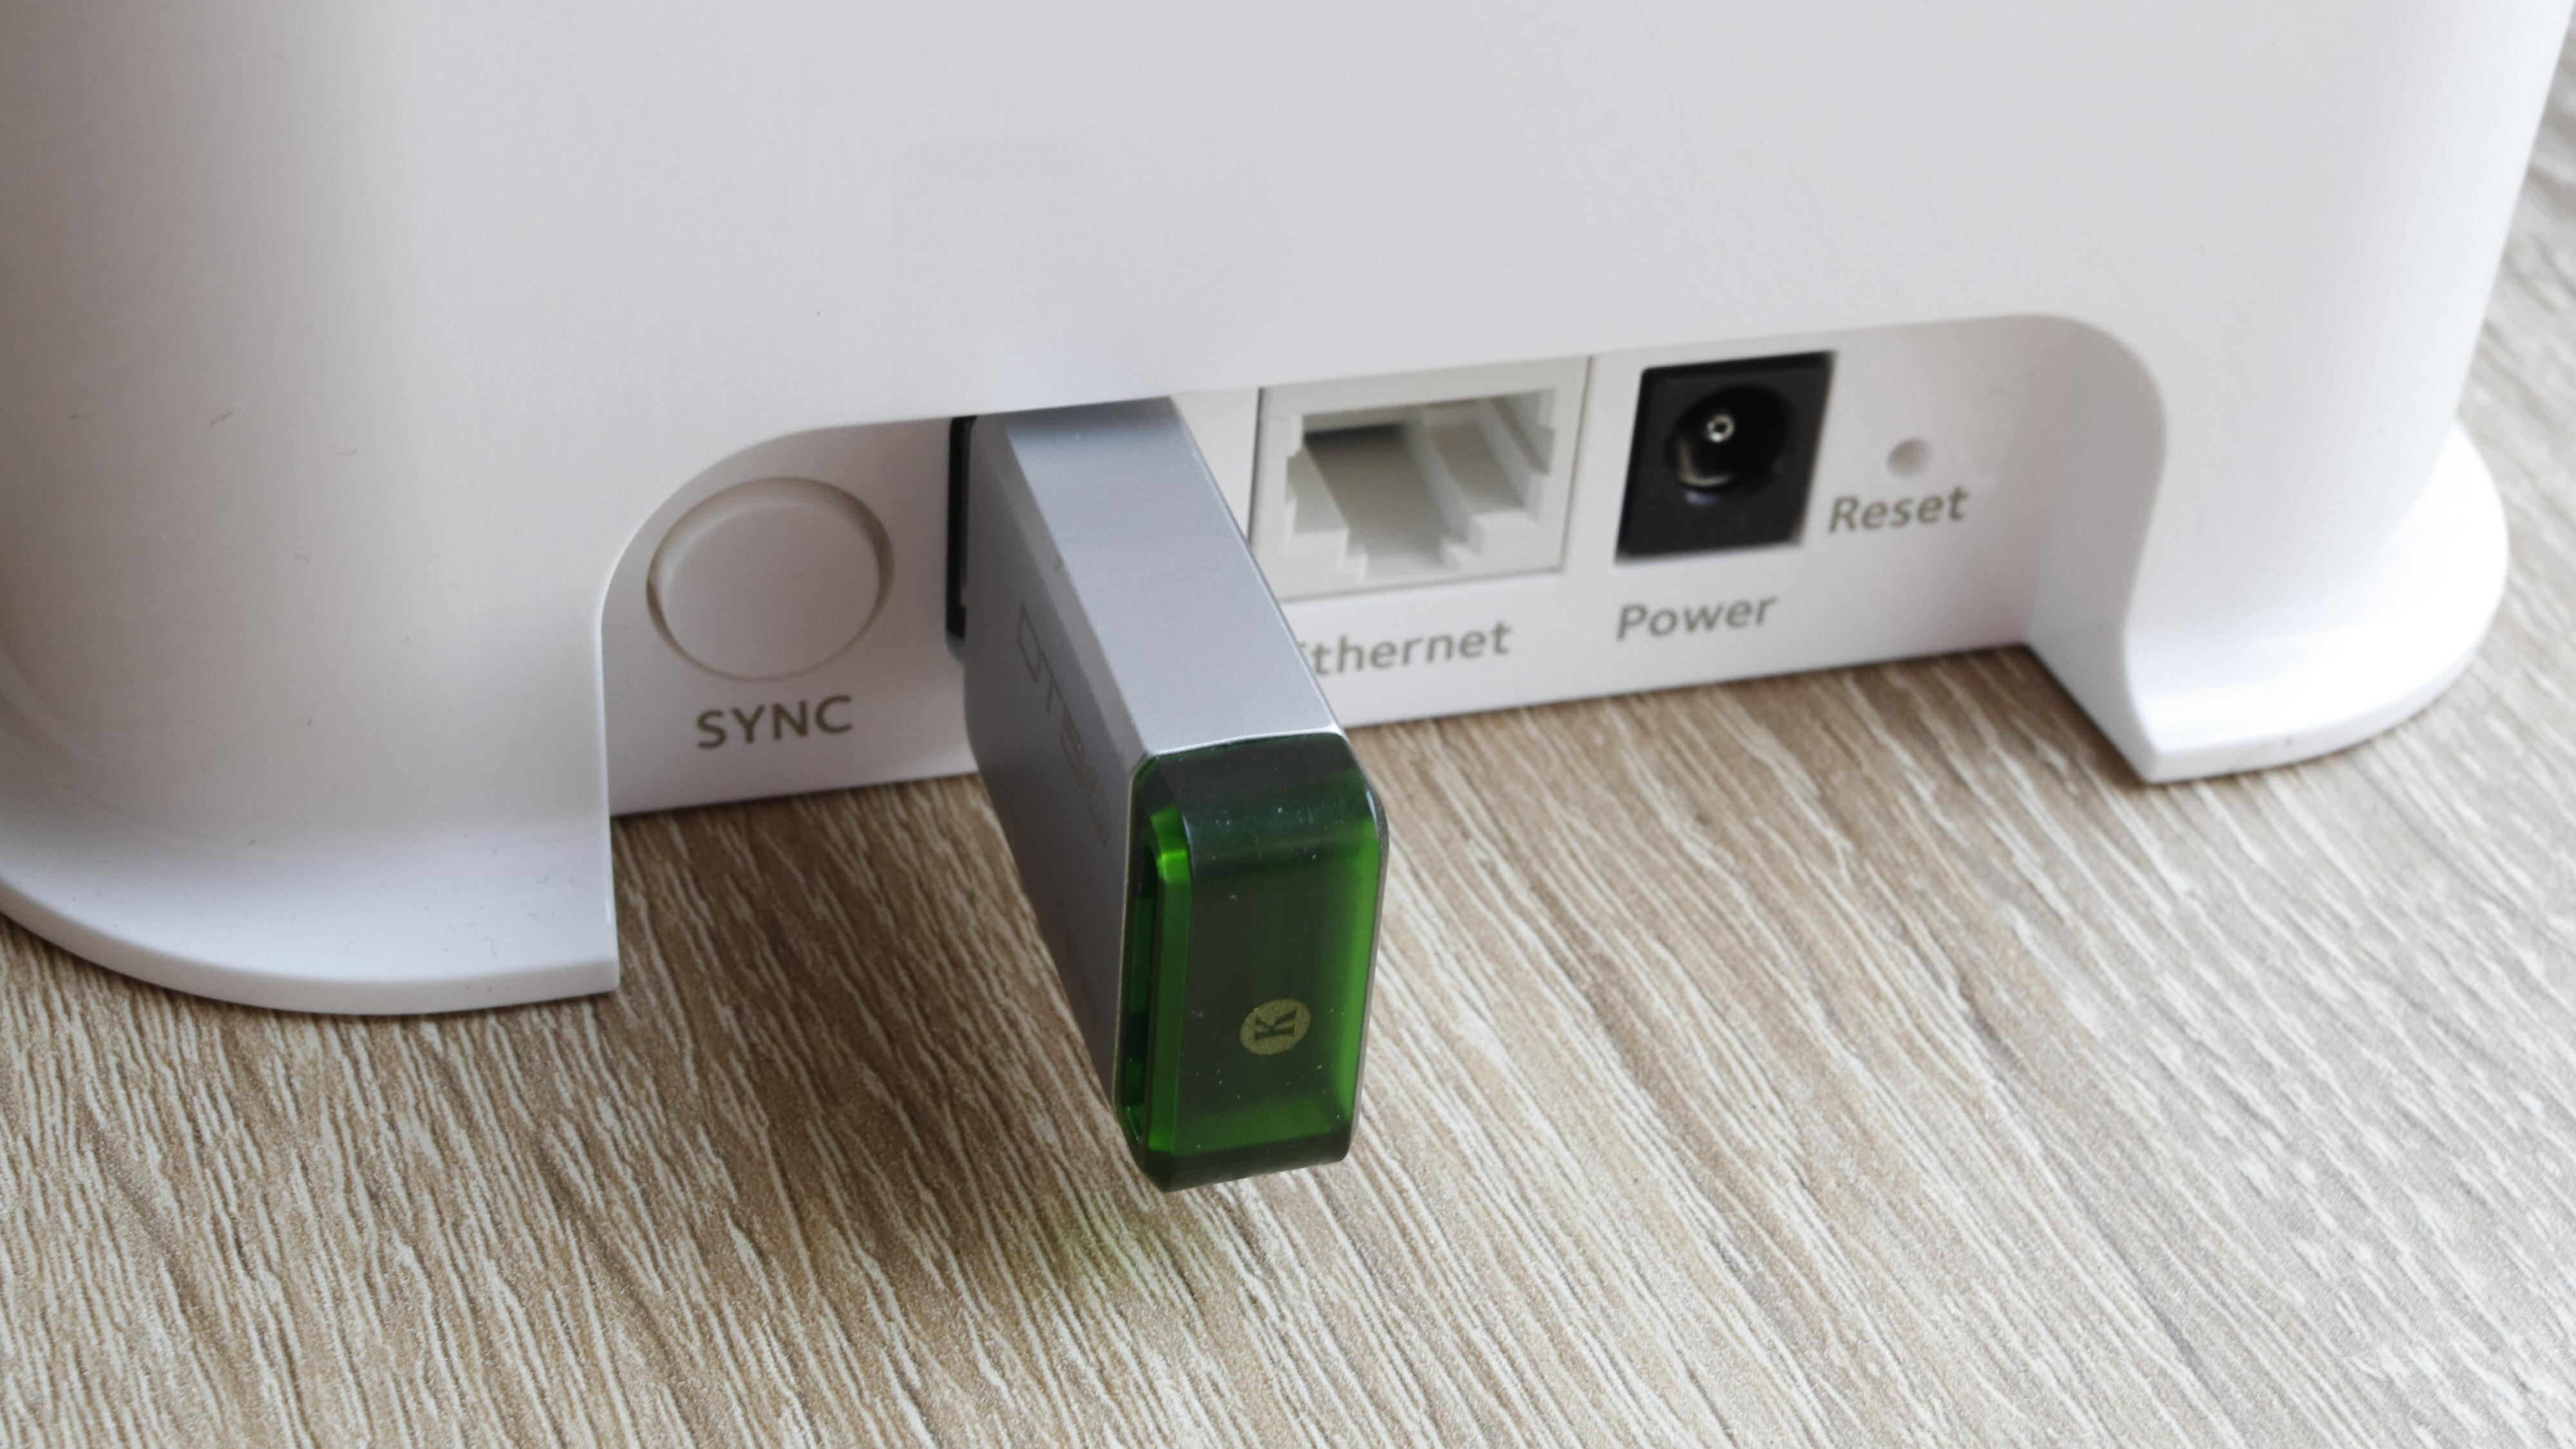 Basestasjonen har en USB-port som for eksempel kan utstyres med en USB-pinne for lokale opptak. Selv om du skulle abonnere på skylagring, er det alltid smart å ha en backup.